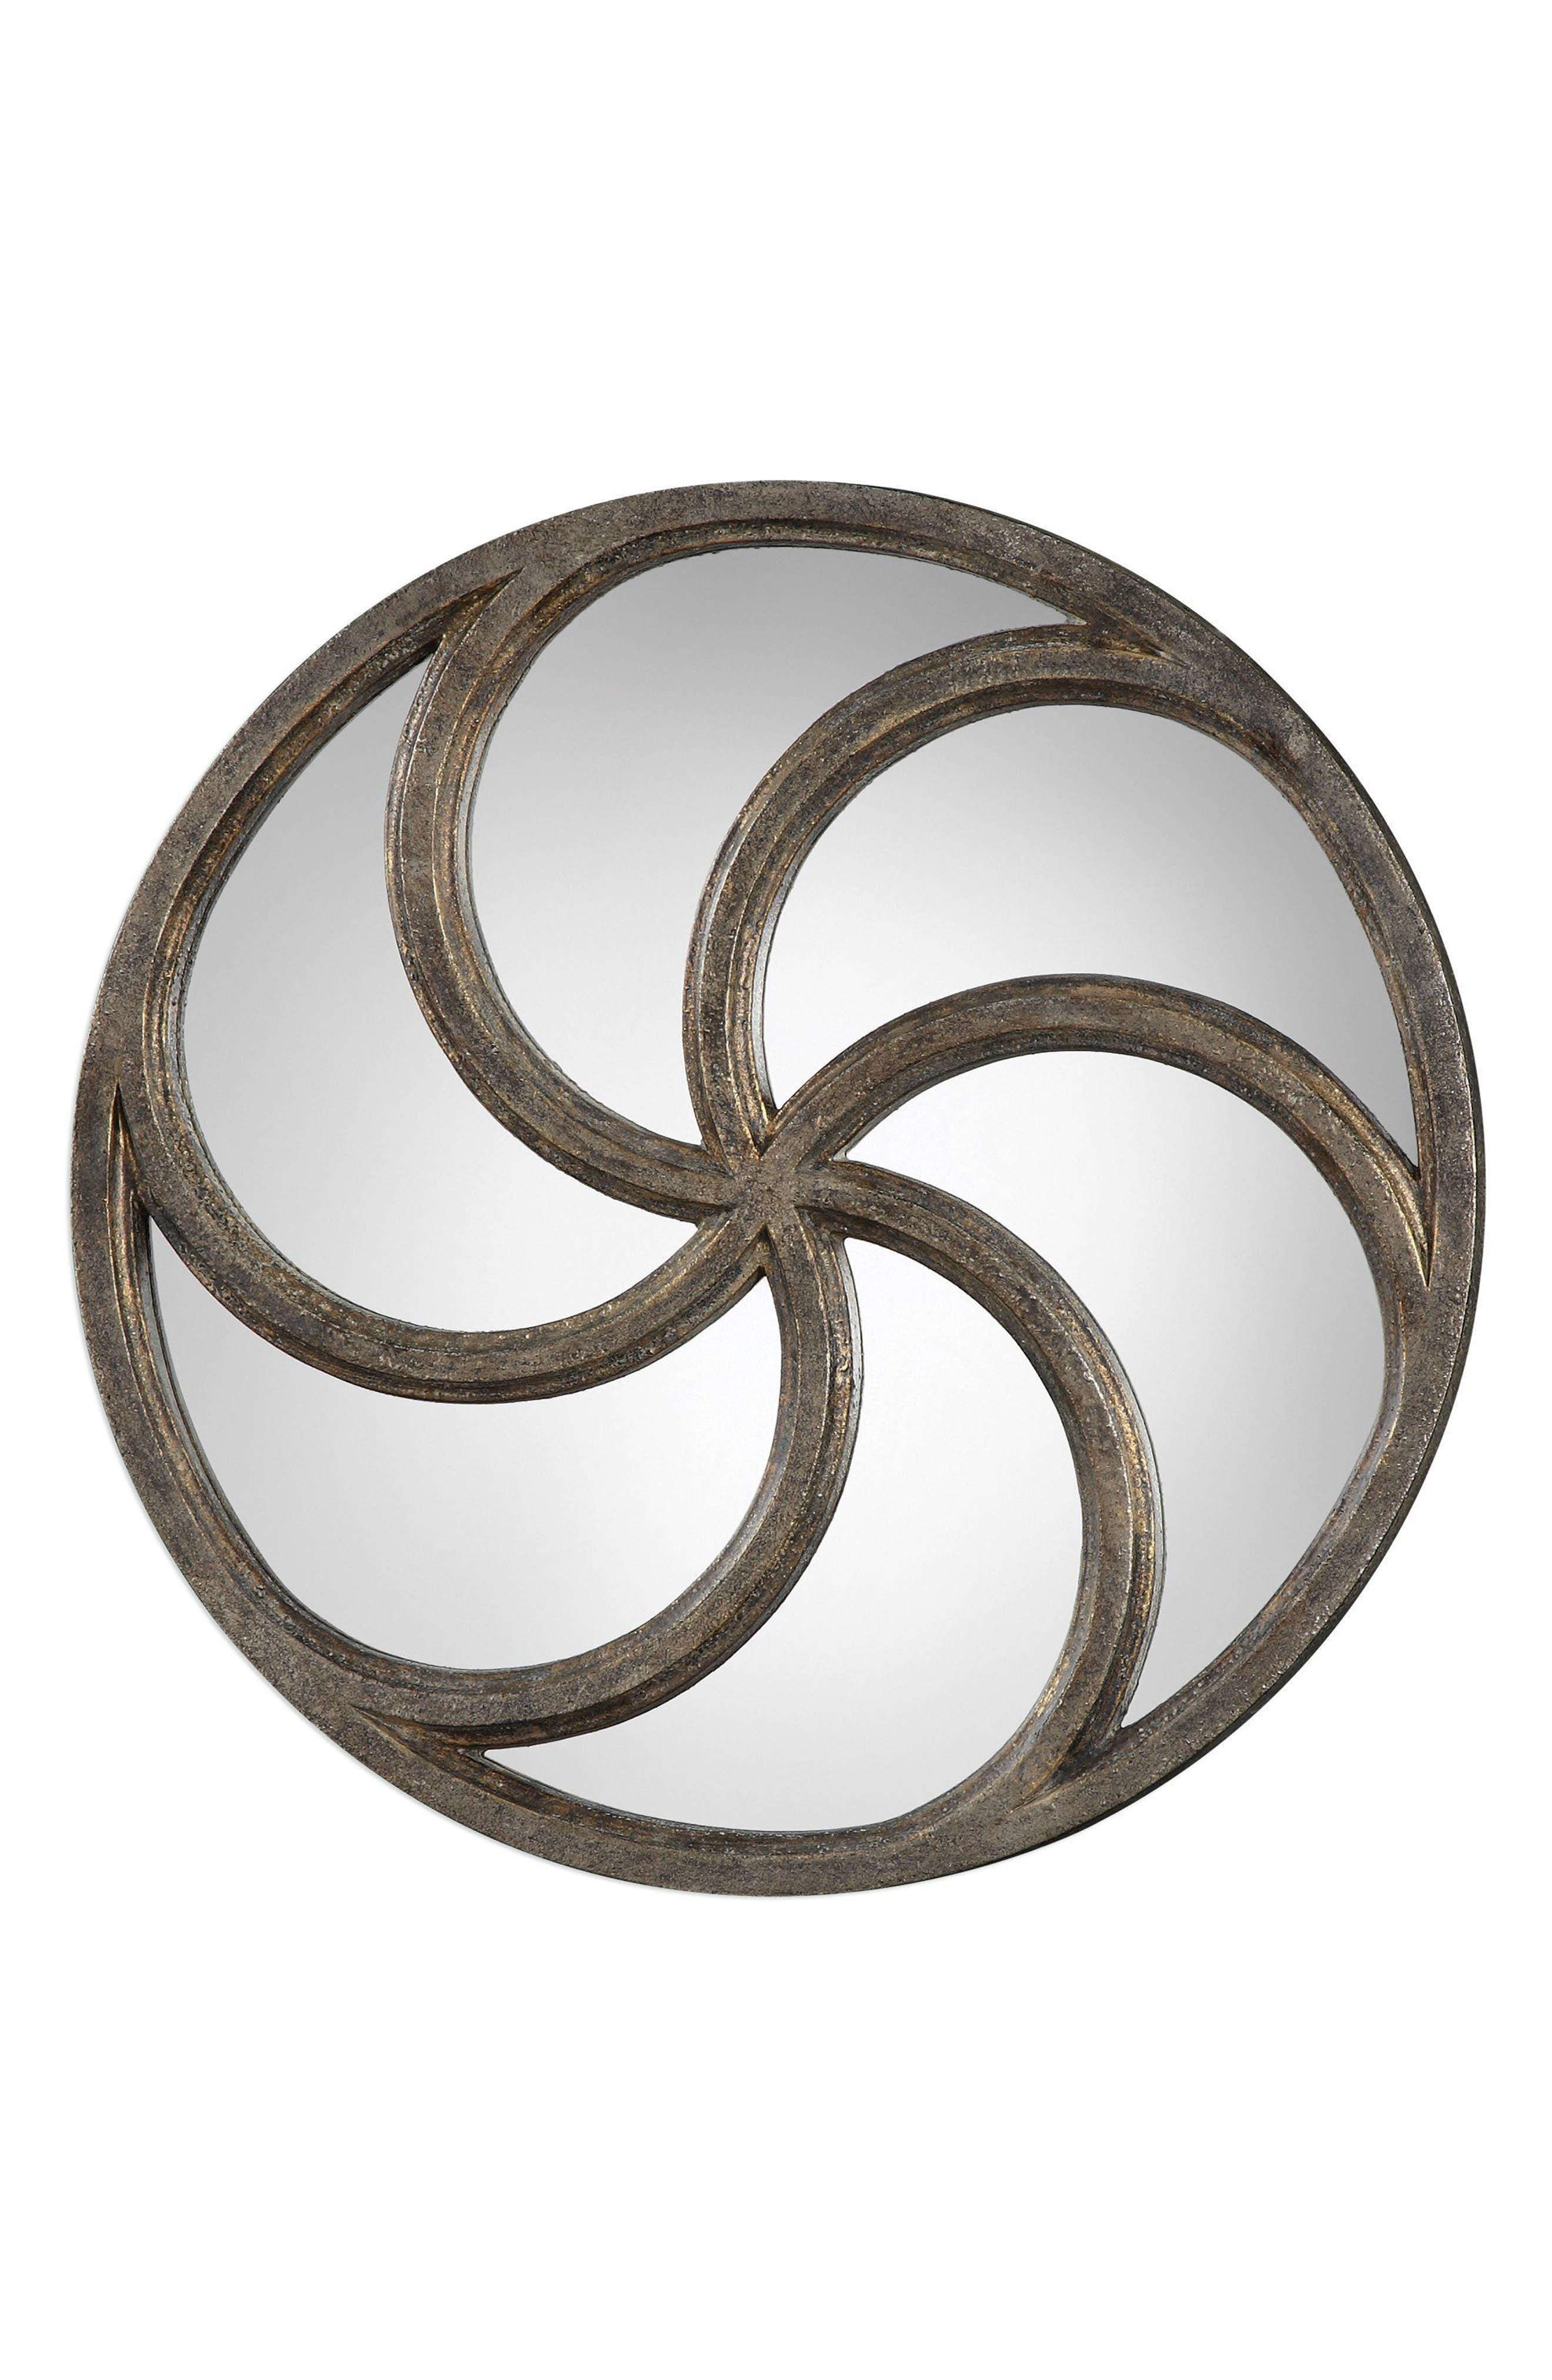 Uttermost Spiralis Wall Mirror